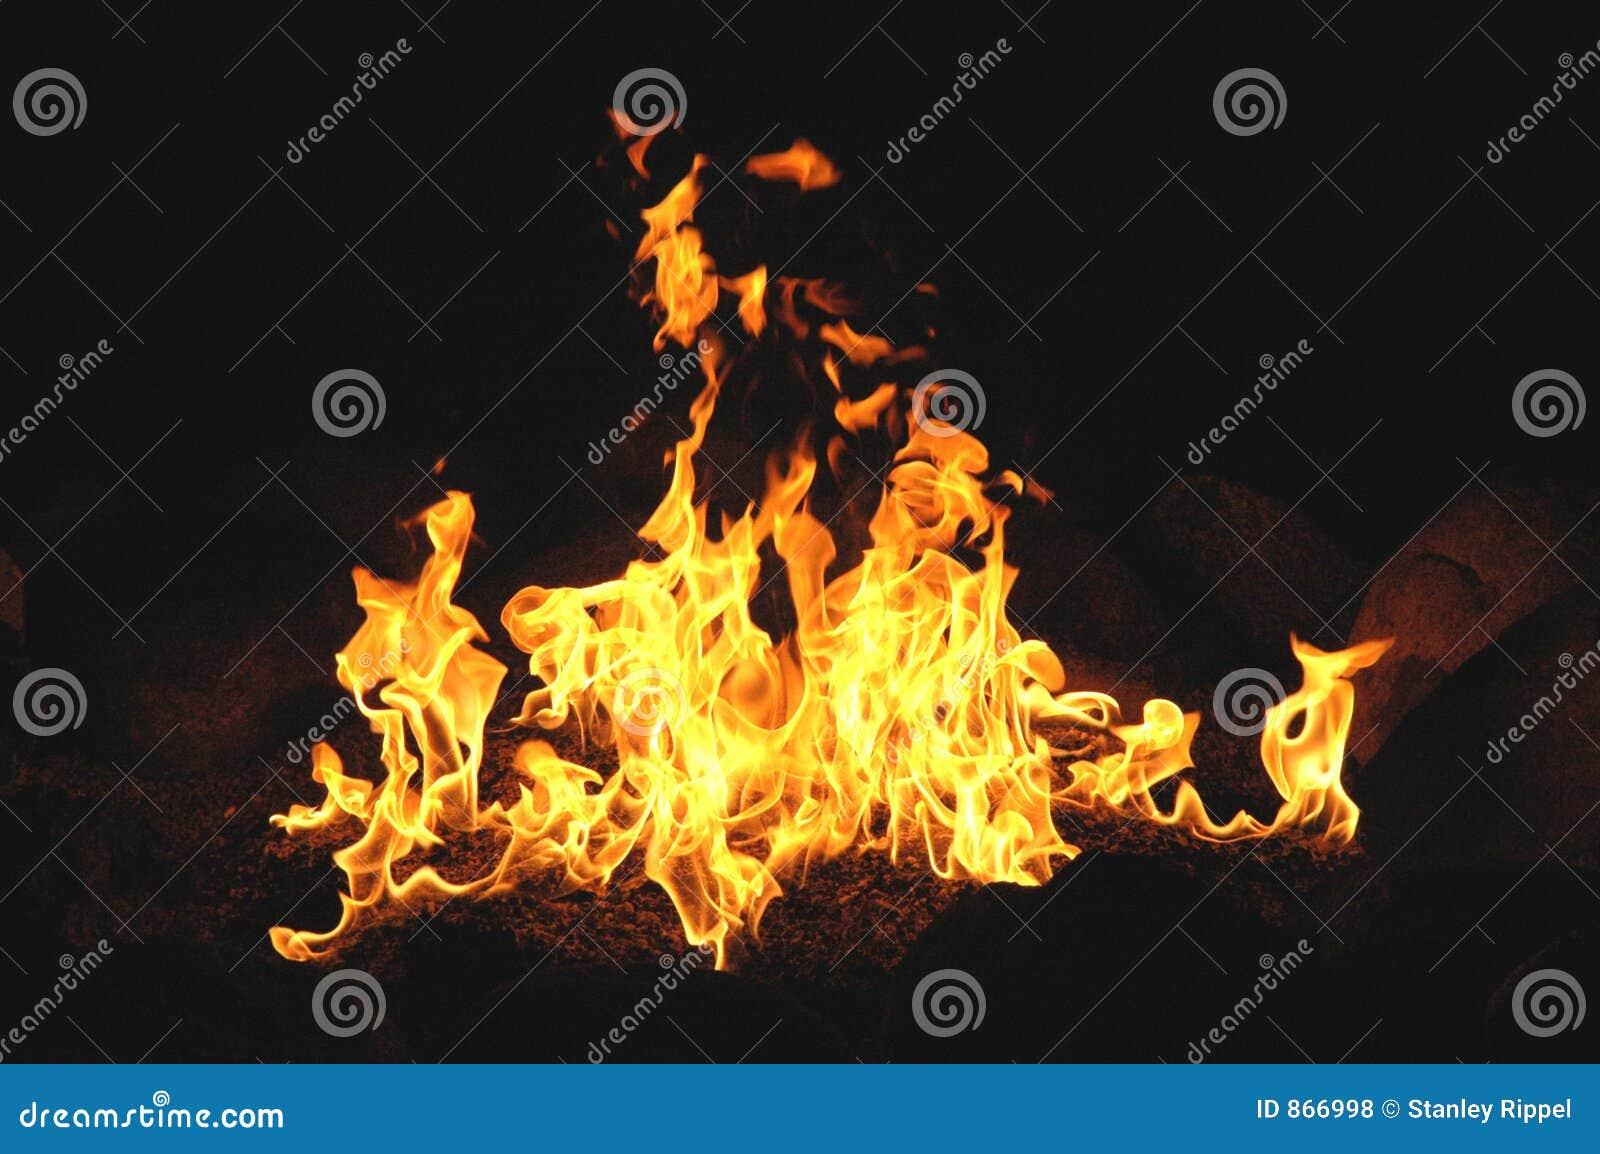 滚滚向前的营火发火焰wth